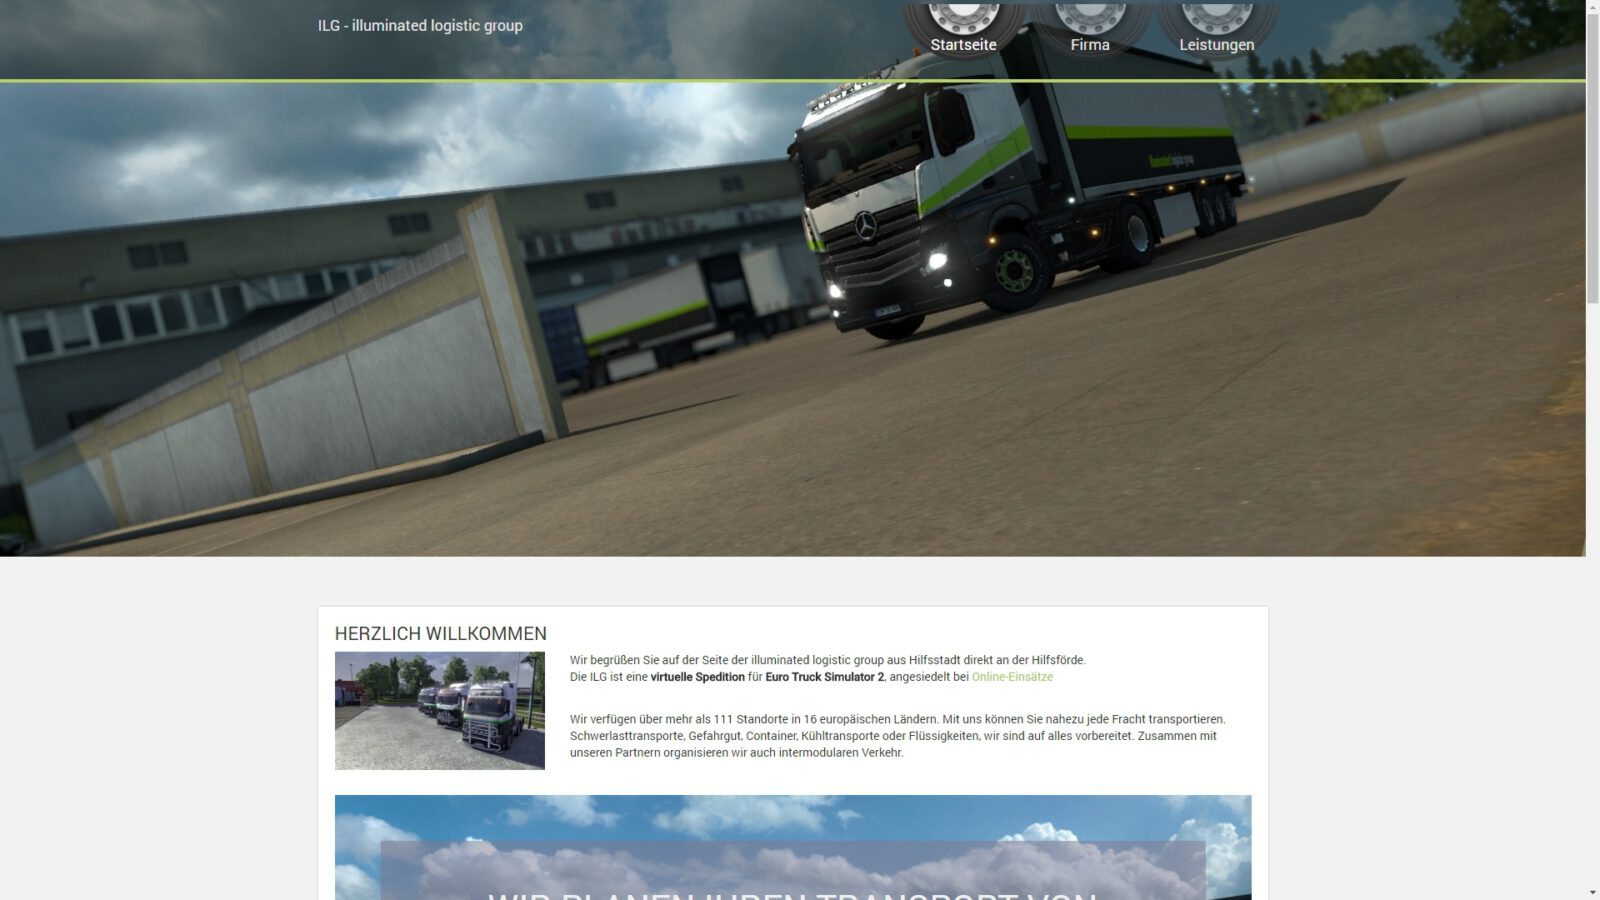 Vorschau der Webseite der illuminated logistic group